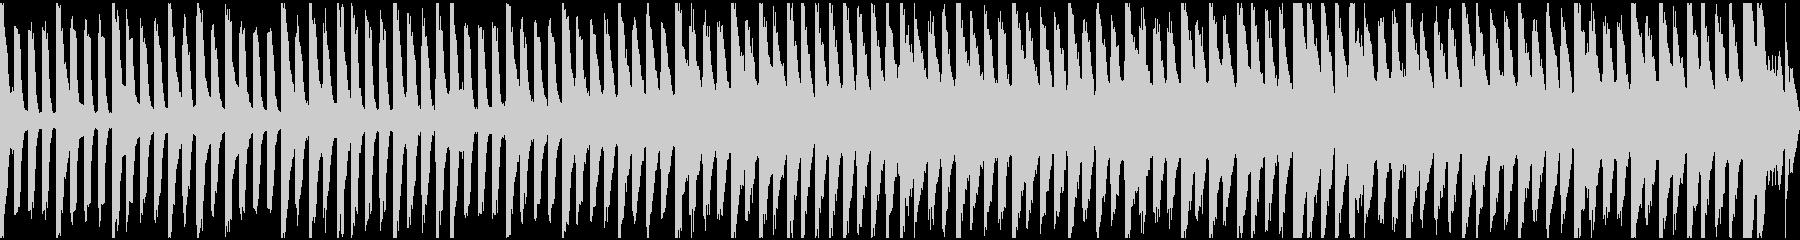 ピアノのゆったりした抑圧感を醸すループの未再生の波形